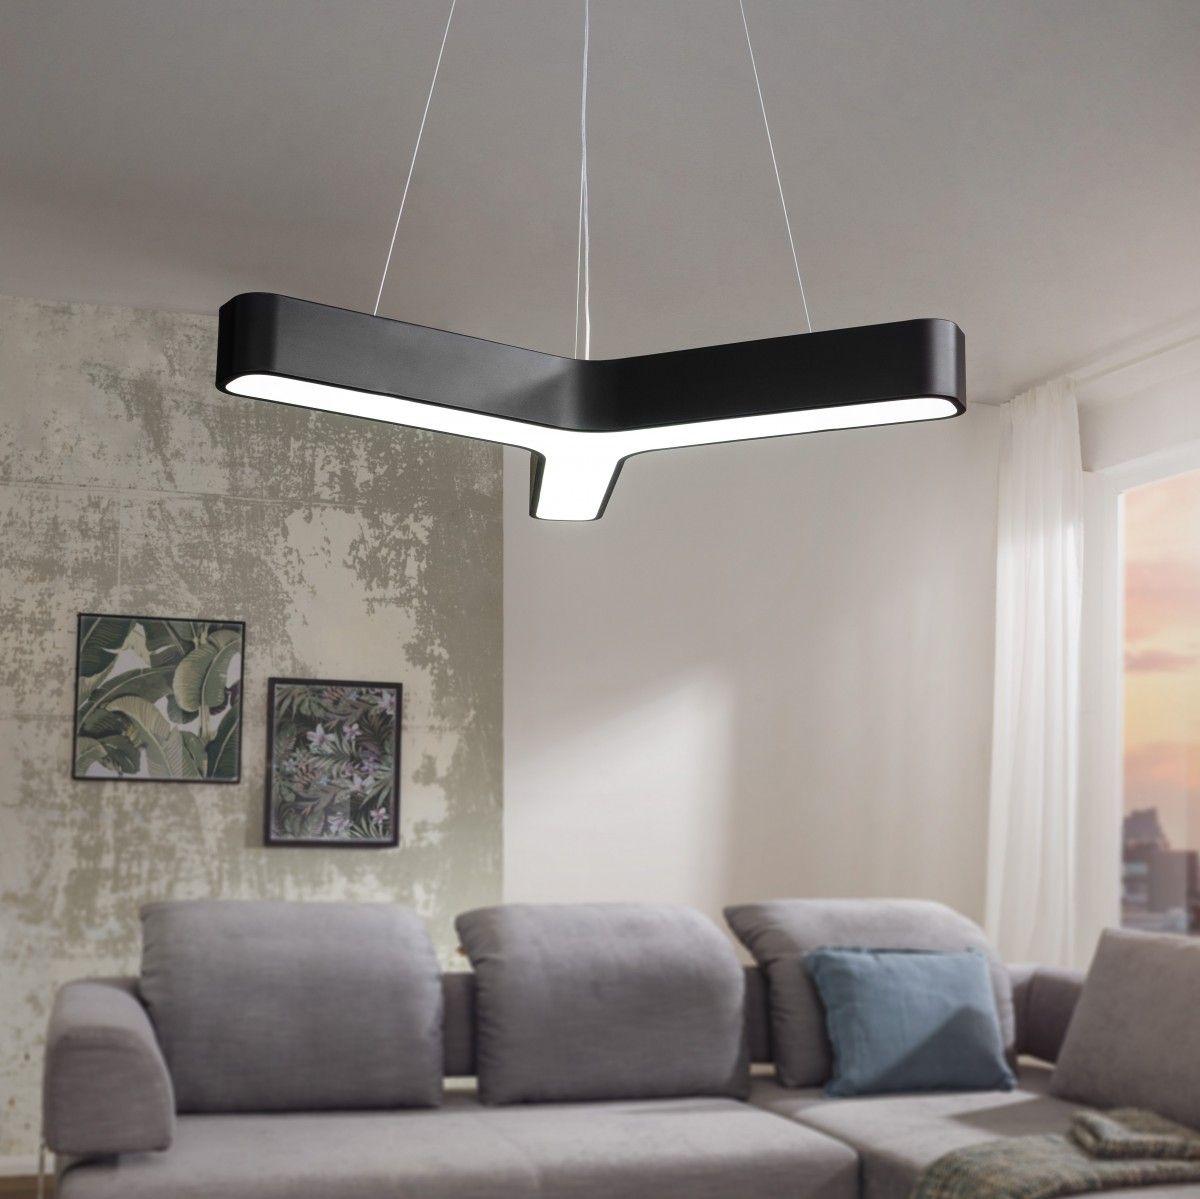 Design Wohn Zimmer Lampe Hängelampe Esszimmer Leuchte Pendellampe Stoff schwarz